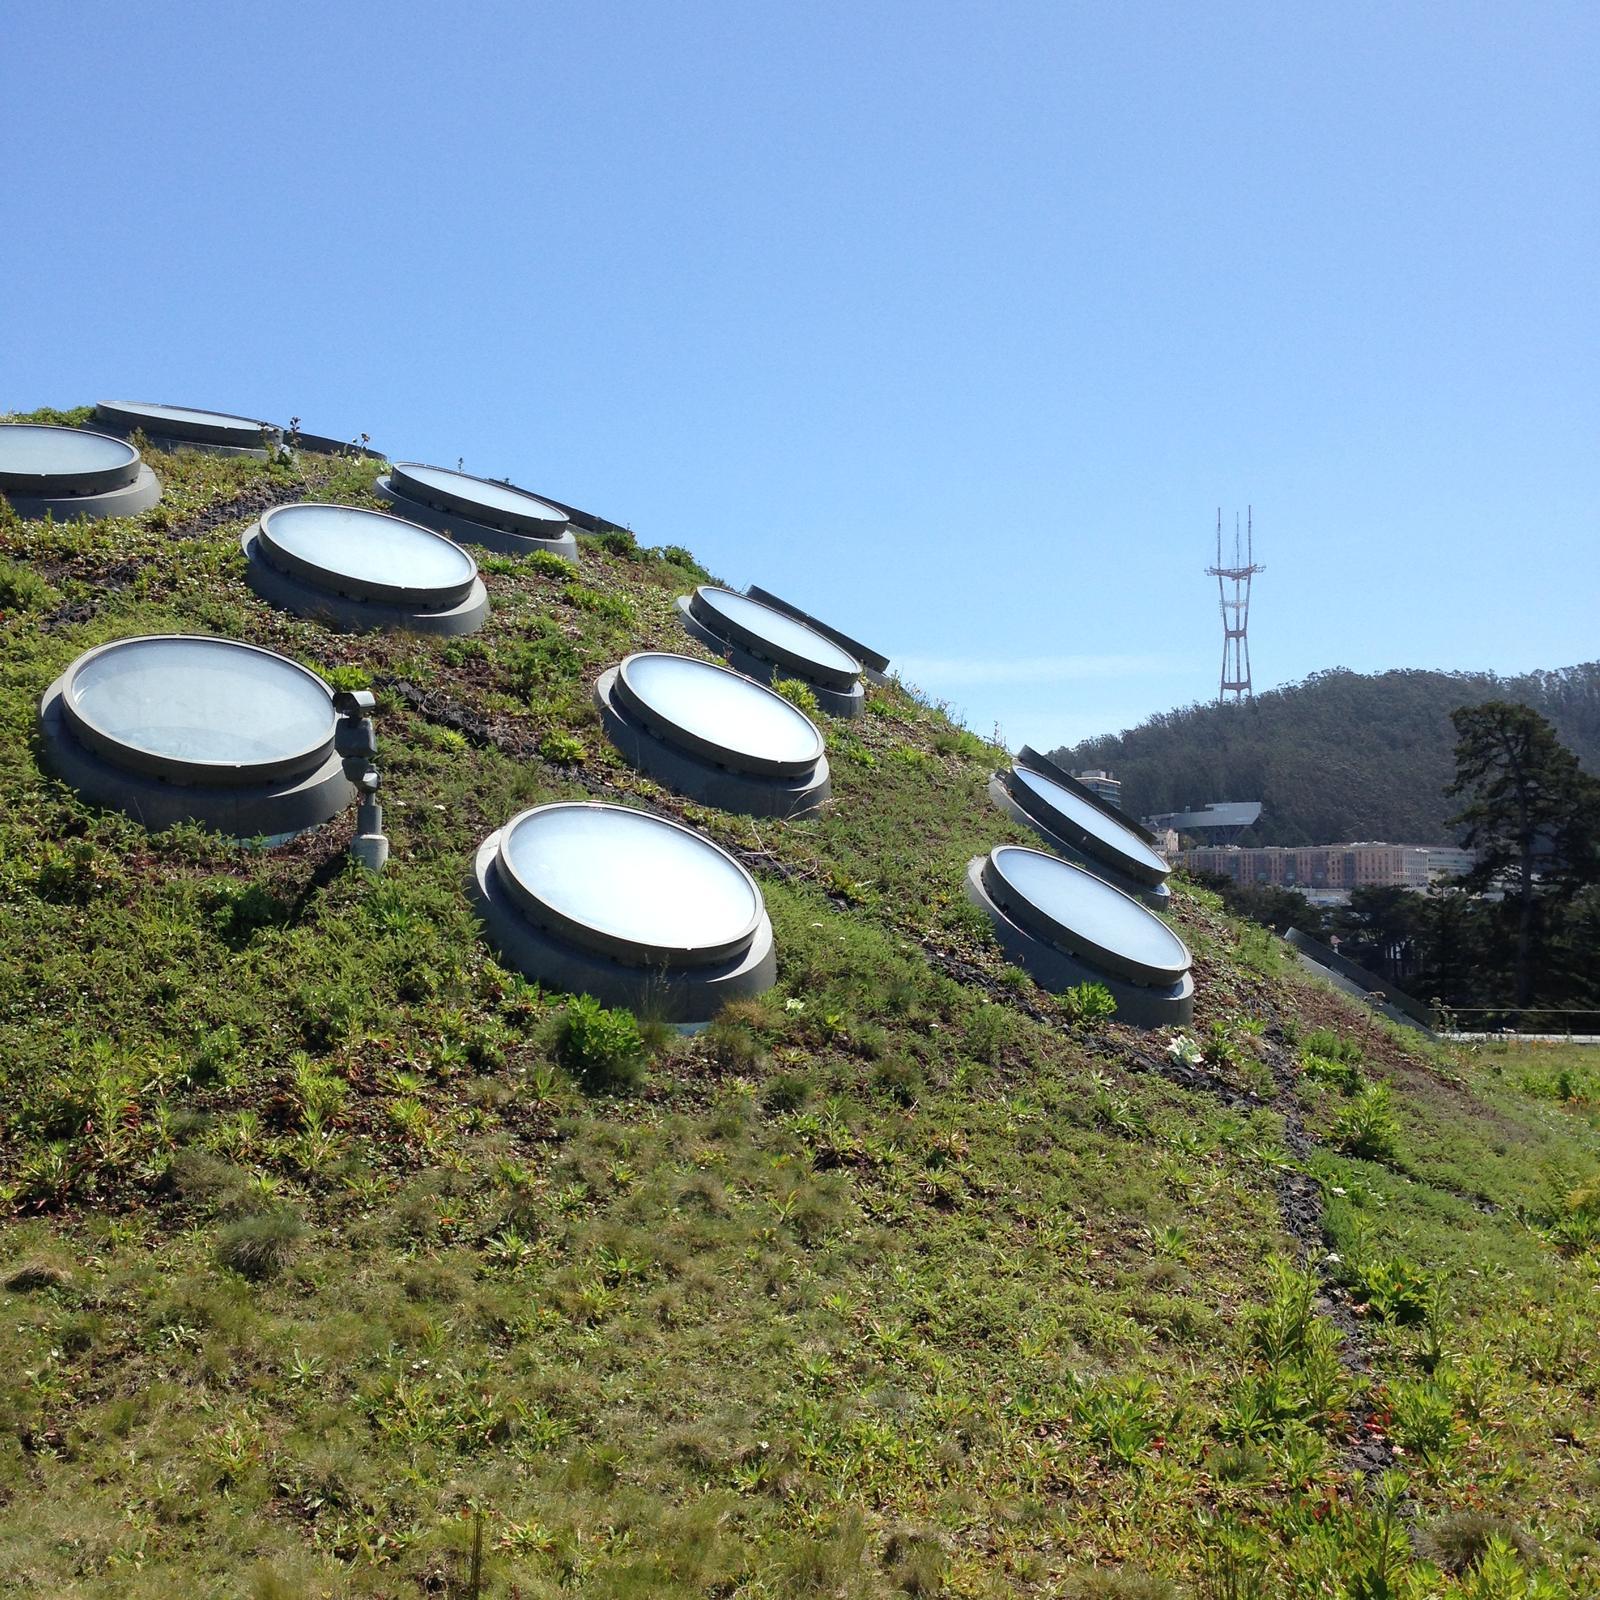 """""""If you can dream it, you can do it."""" - živá strecha budovy Academy of science, pod touto kupolou sa nachádzajú trojposchodový sklenník. Na každom jeho poschodí je imitovaná iná klíma tropického prostredia. Pod druhou kupolou sa nachádza najväčšie digitálne planetárium na svete! :)"""